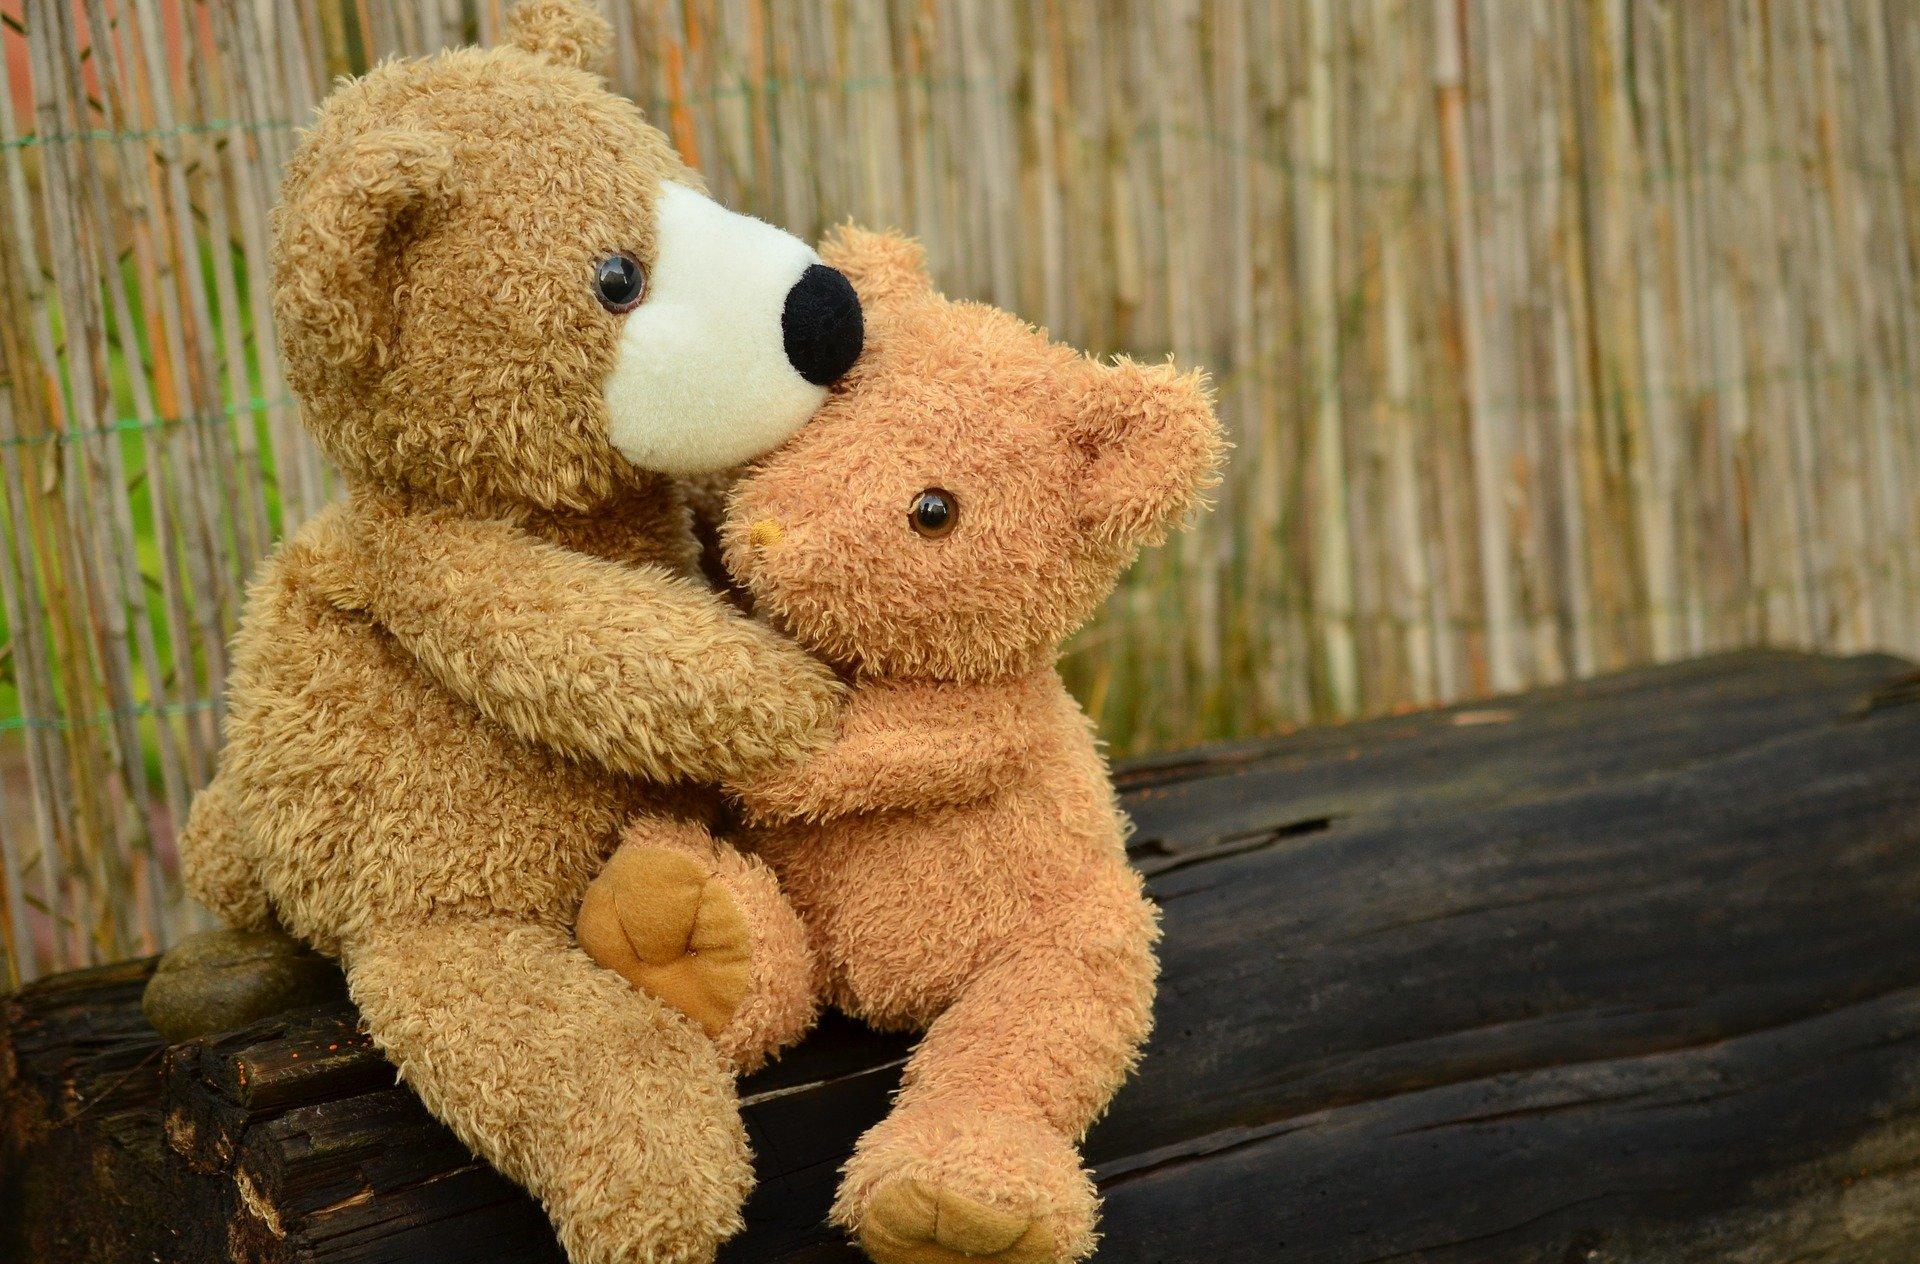 Gute Besserung und Trost und Mitgefühl